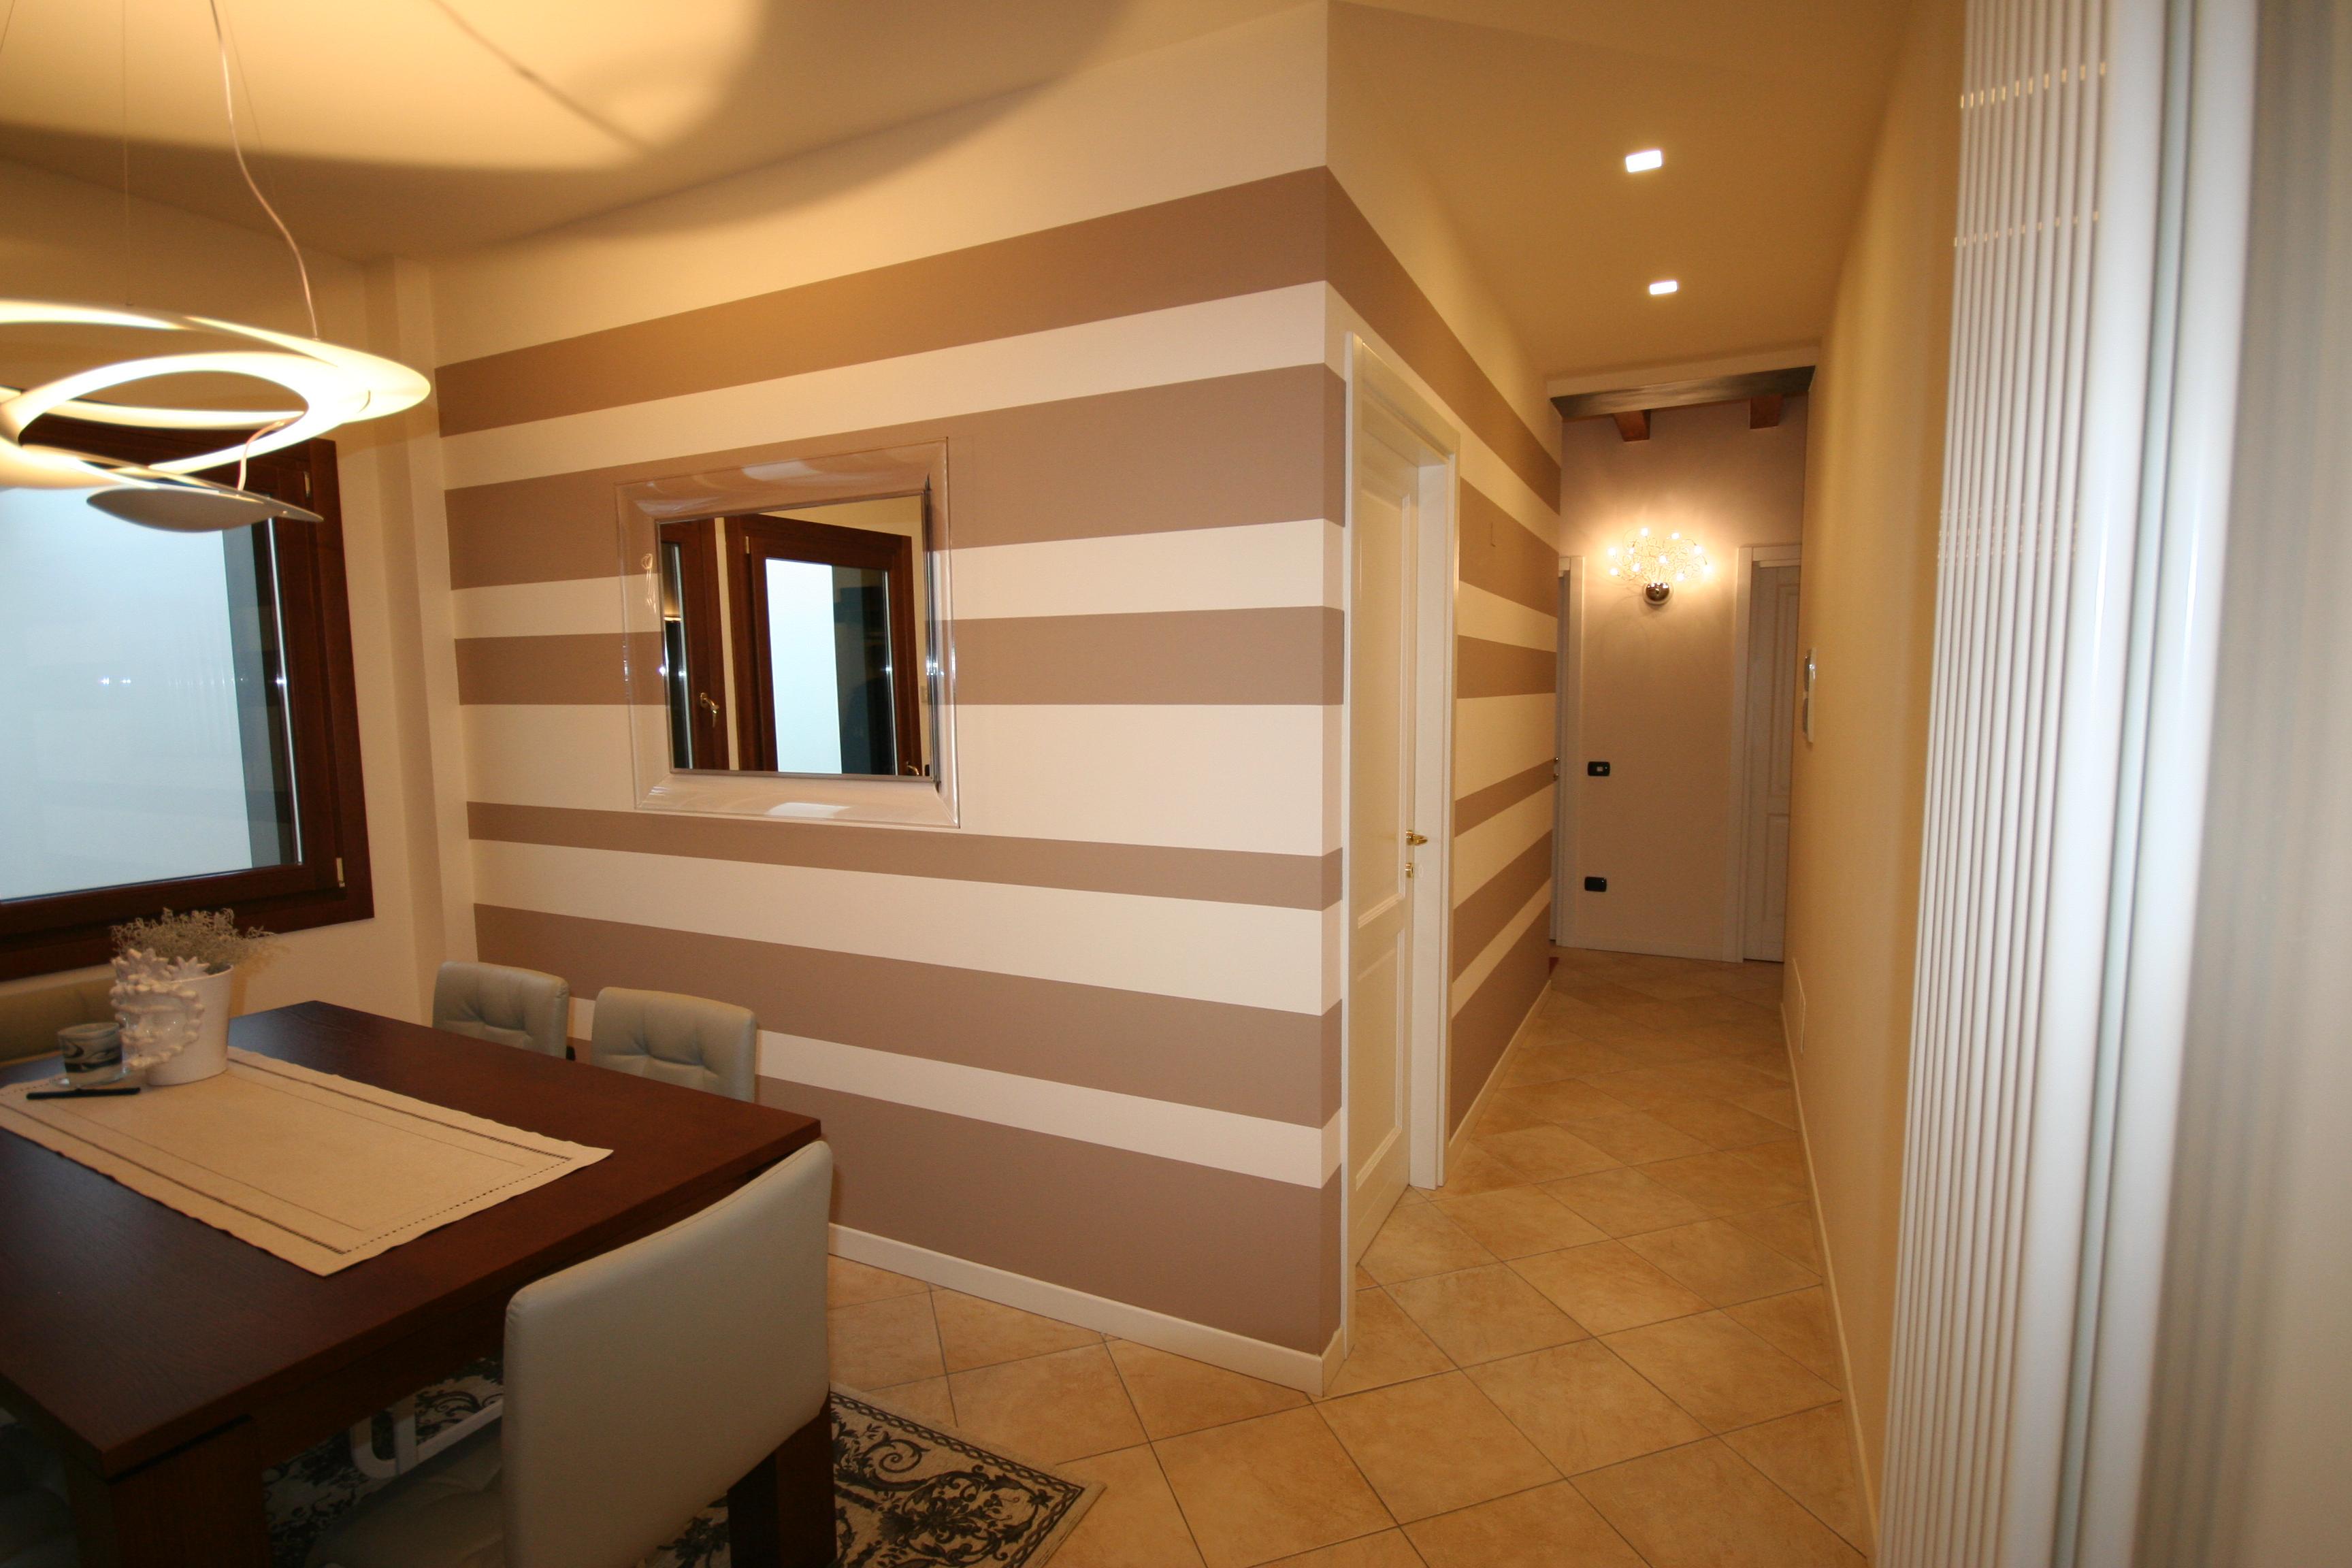 Appartamento privato d 39 interni arredo e design for Appartamento design interni